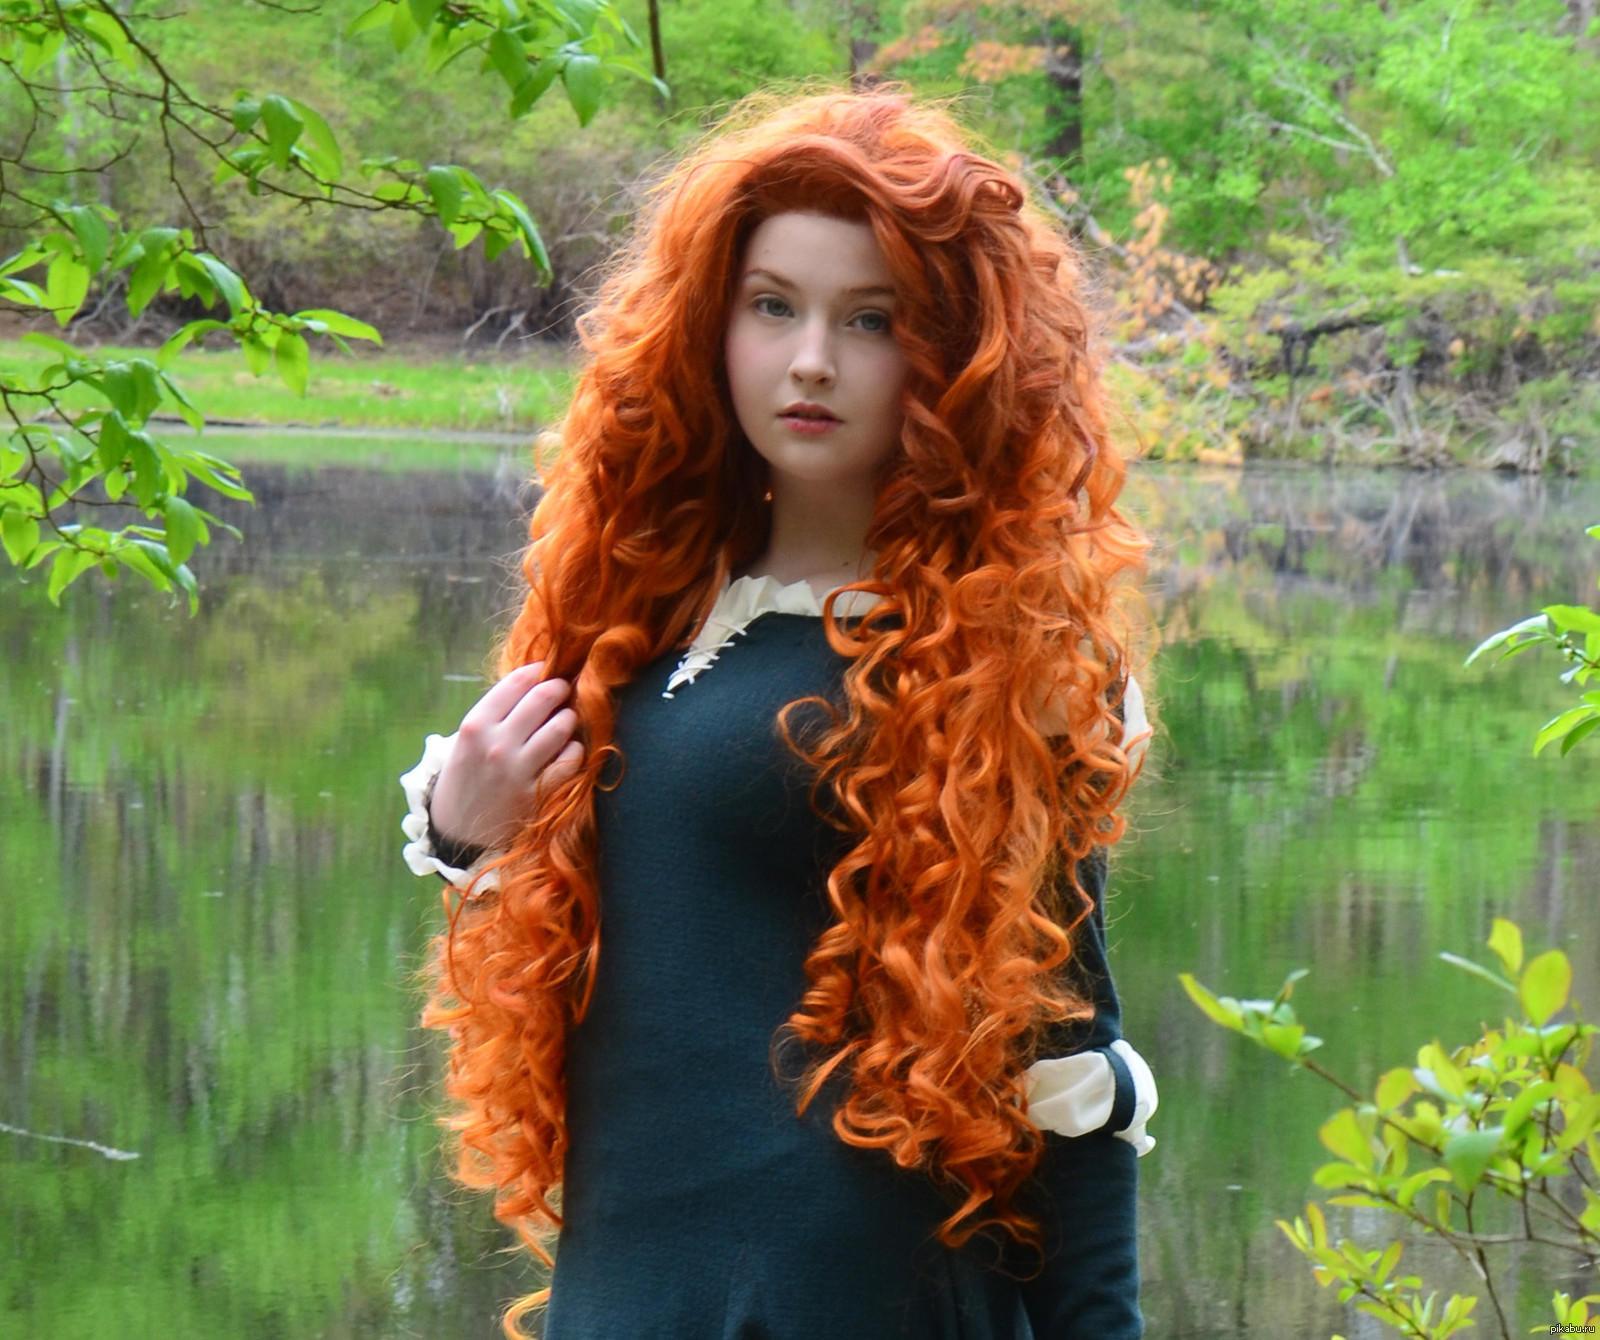 Фото девочка из мультика с красными волосами 18 фотография